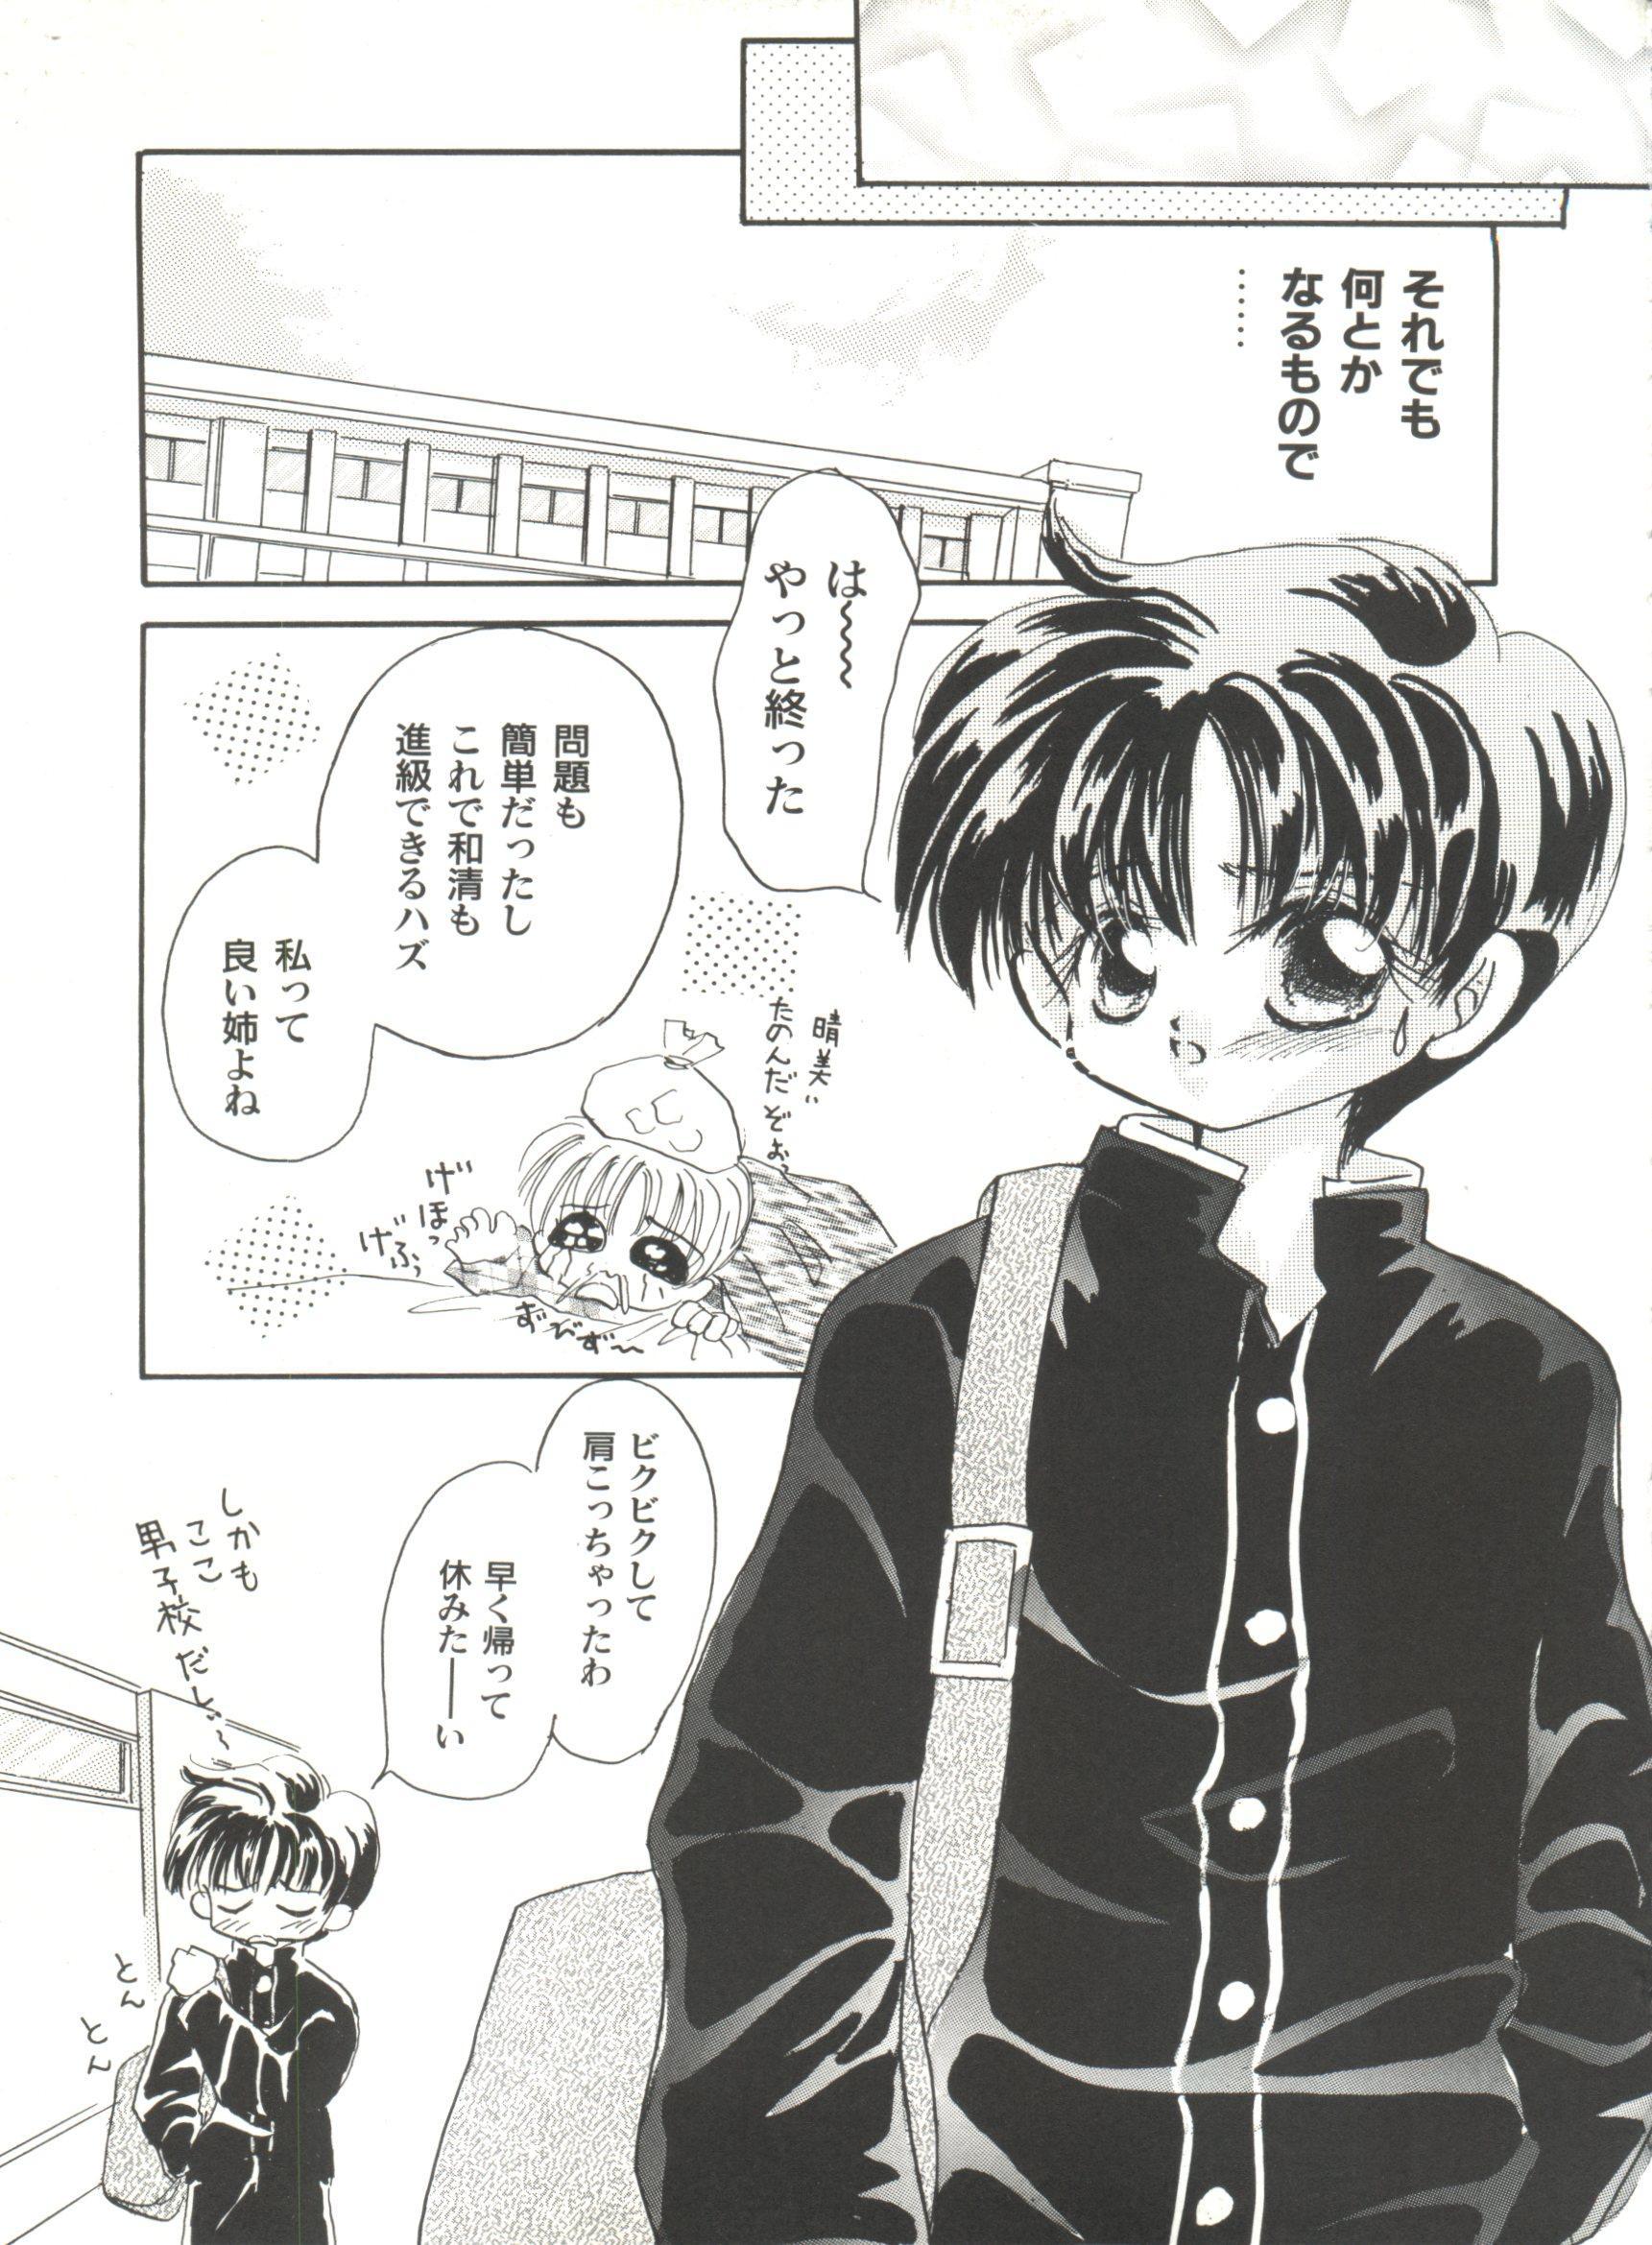 Bishoujo Doujinshi Anthology Cute 4 78